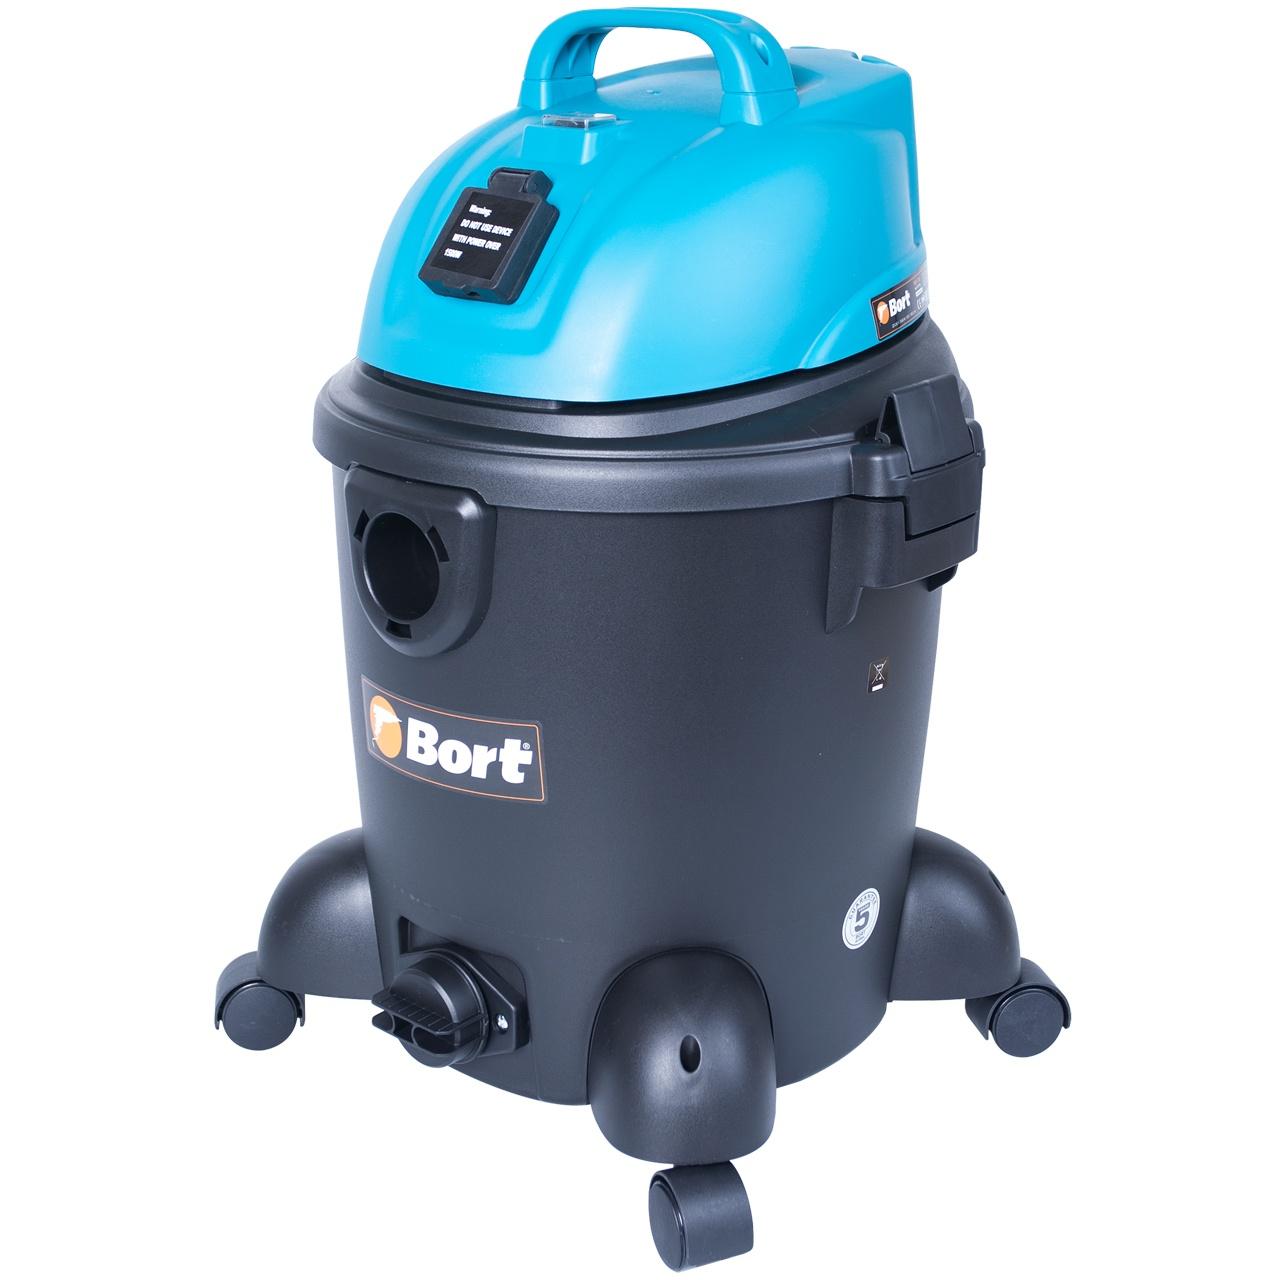 Строительный пылесос Bort BSS-1220 пылесос хозяйственный сухой и влажной уборки shop vac super 30 i